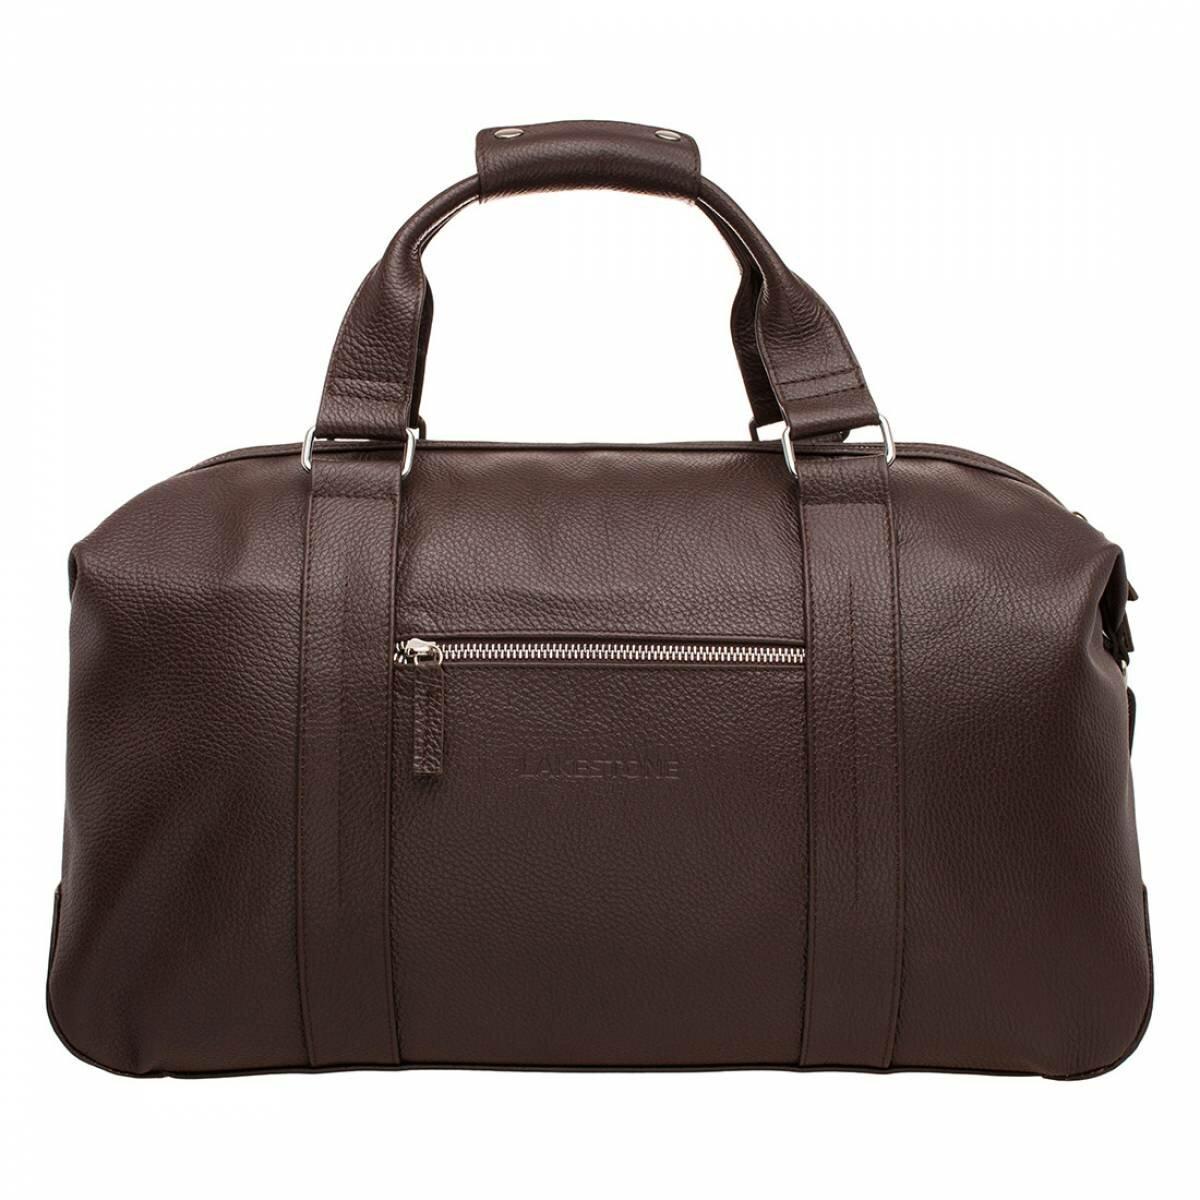 Дорожно-спортивная сумка Woodstock Brown мужская кожаная коричневая